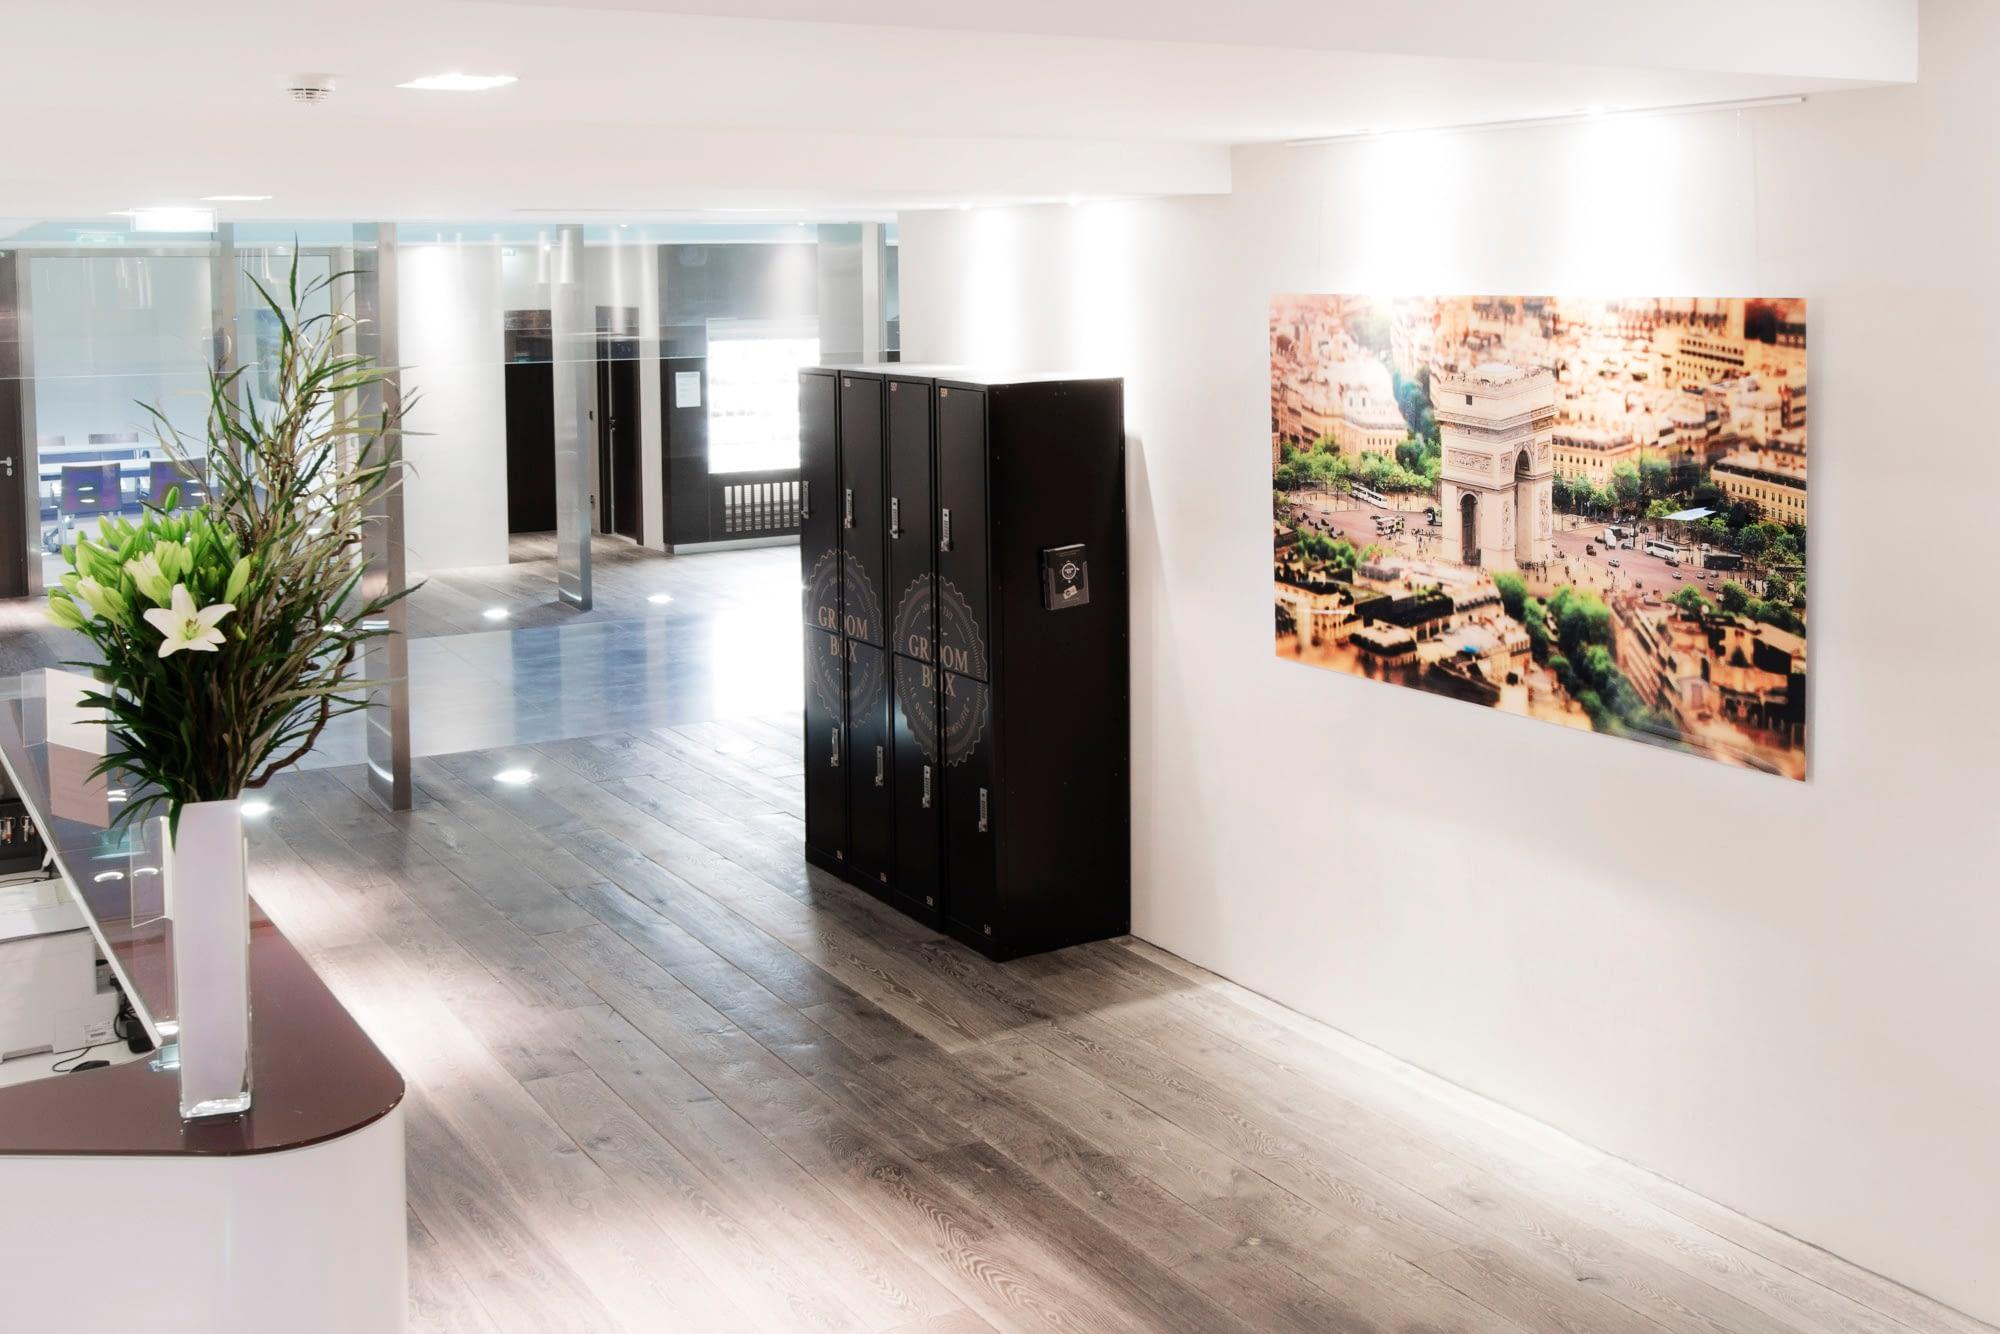 Vente et installation de photographies d'art Pixopolitan pour l'hôtel d'entreprises Astorg